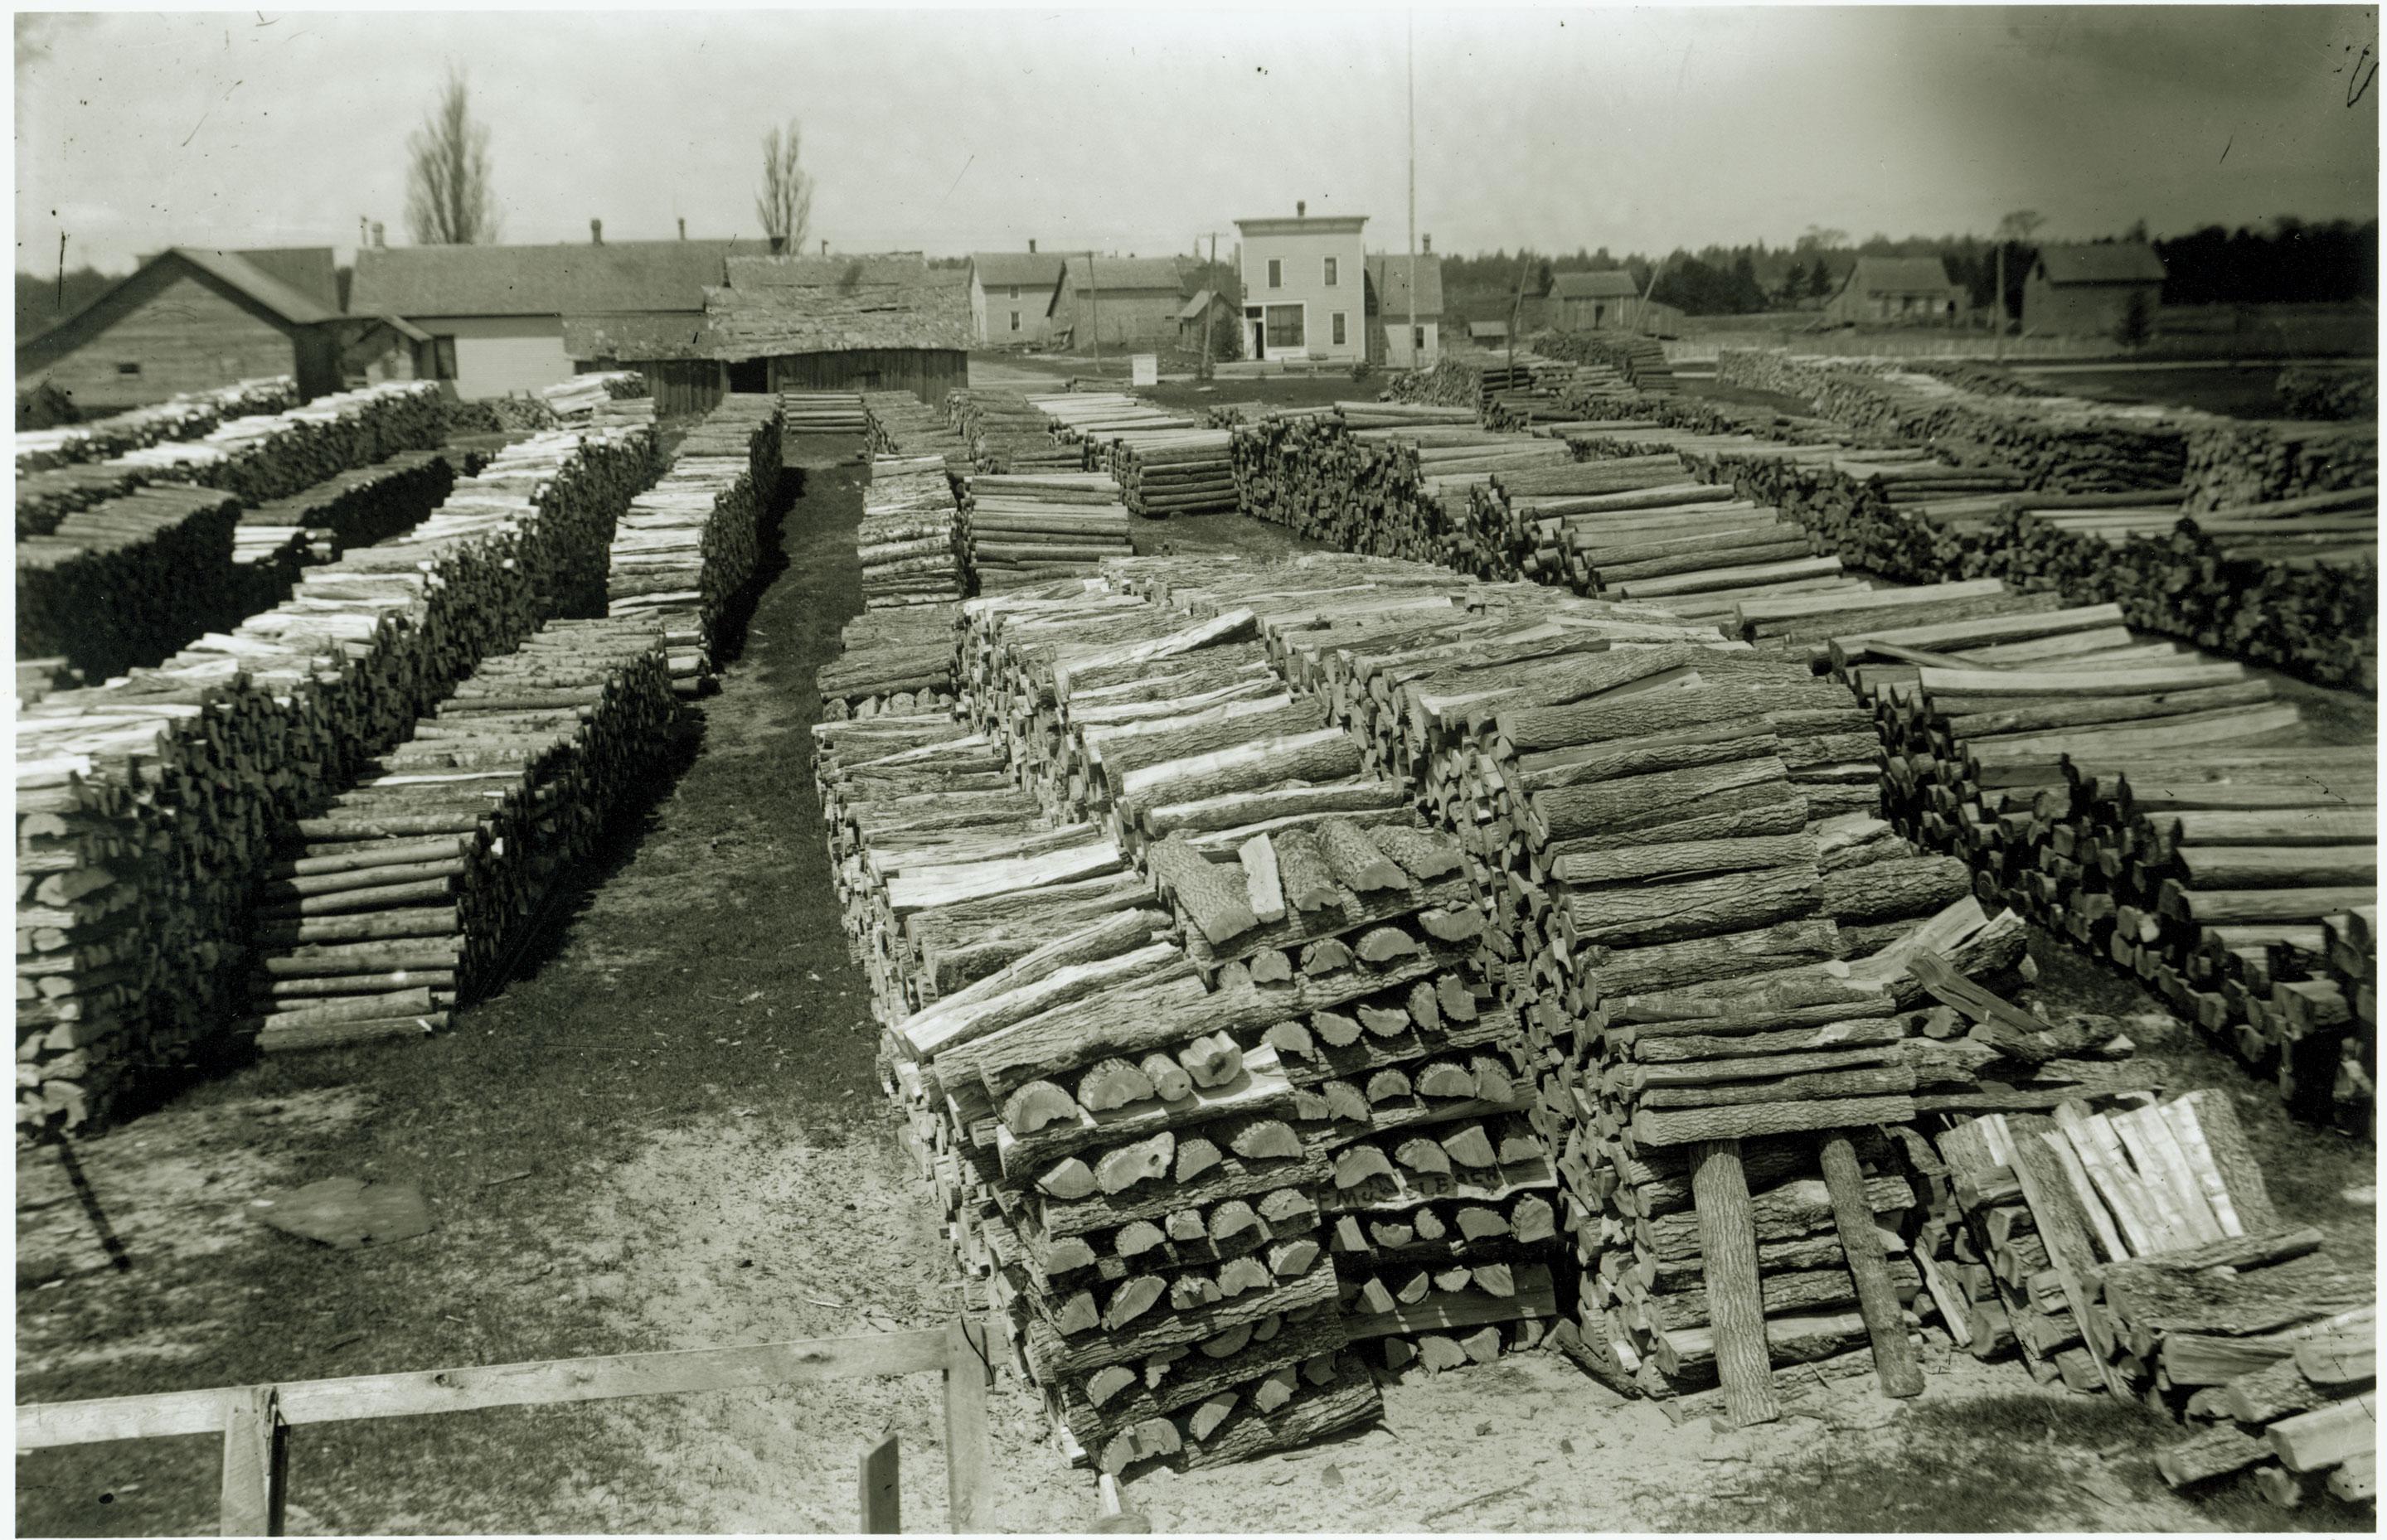 dclv03i01-history-logging-bundles.jpg